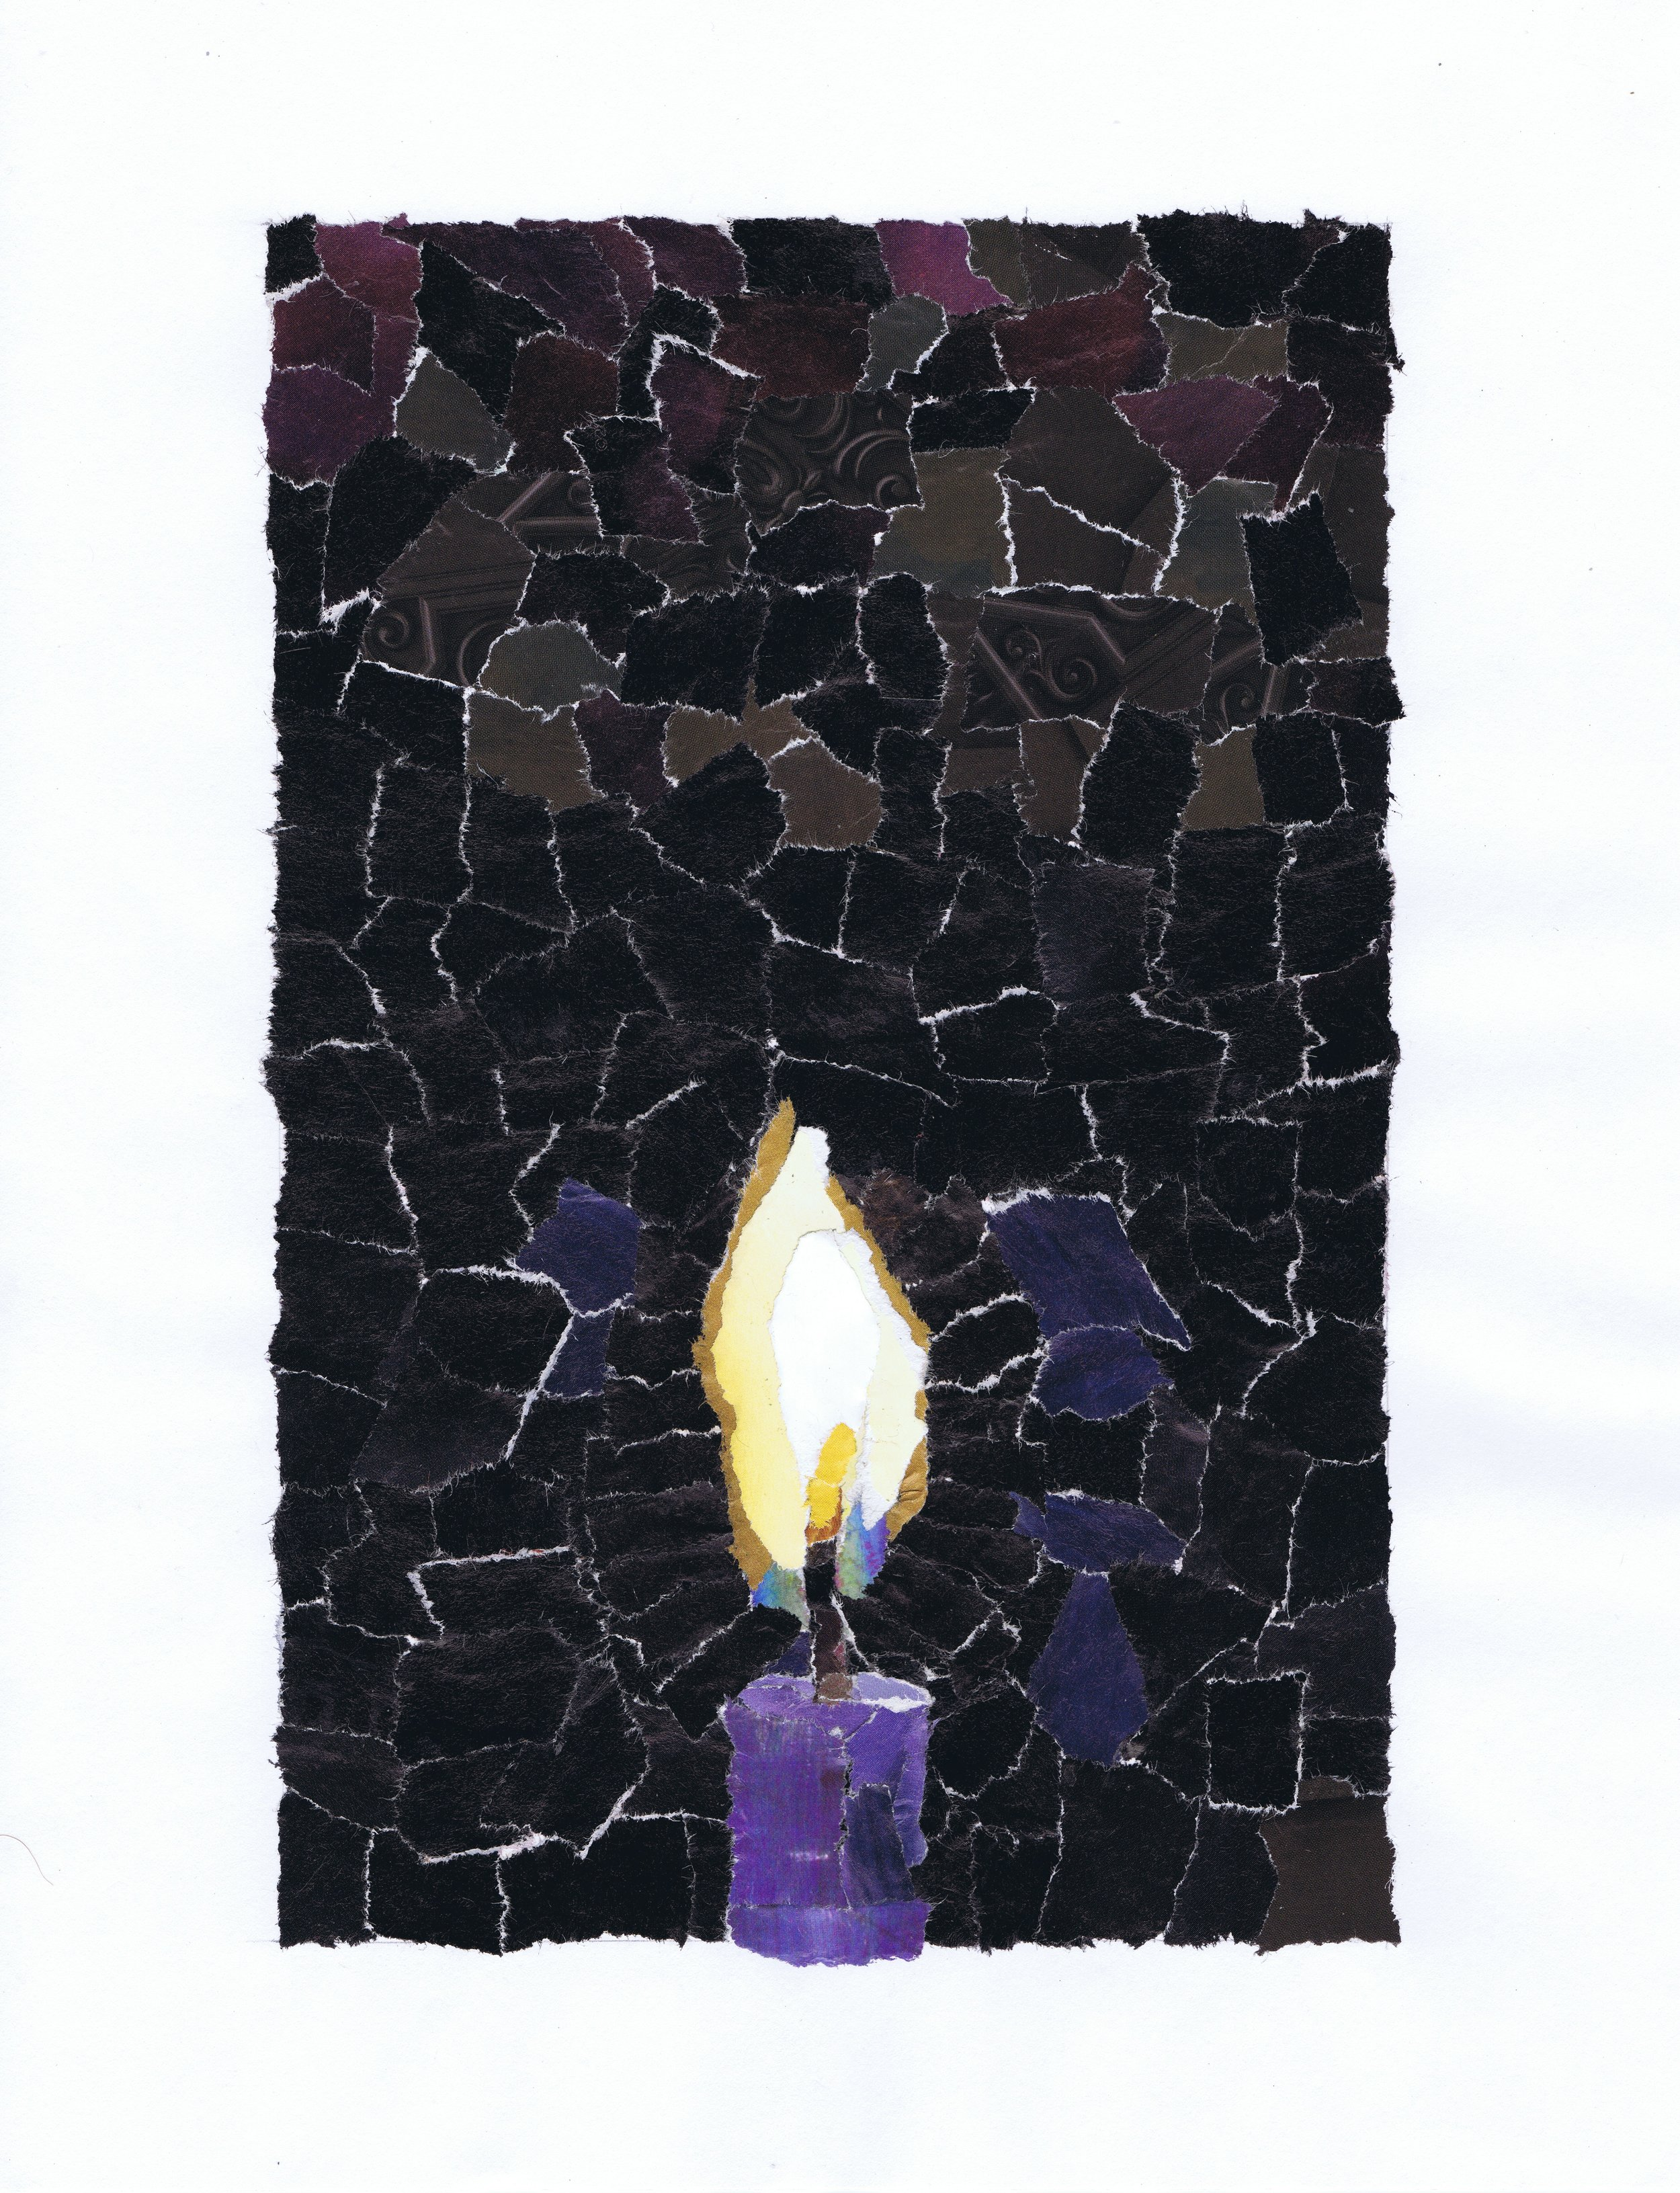 Art: Advent 1 by Carol Amidi, used with permission.